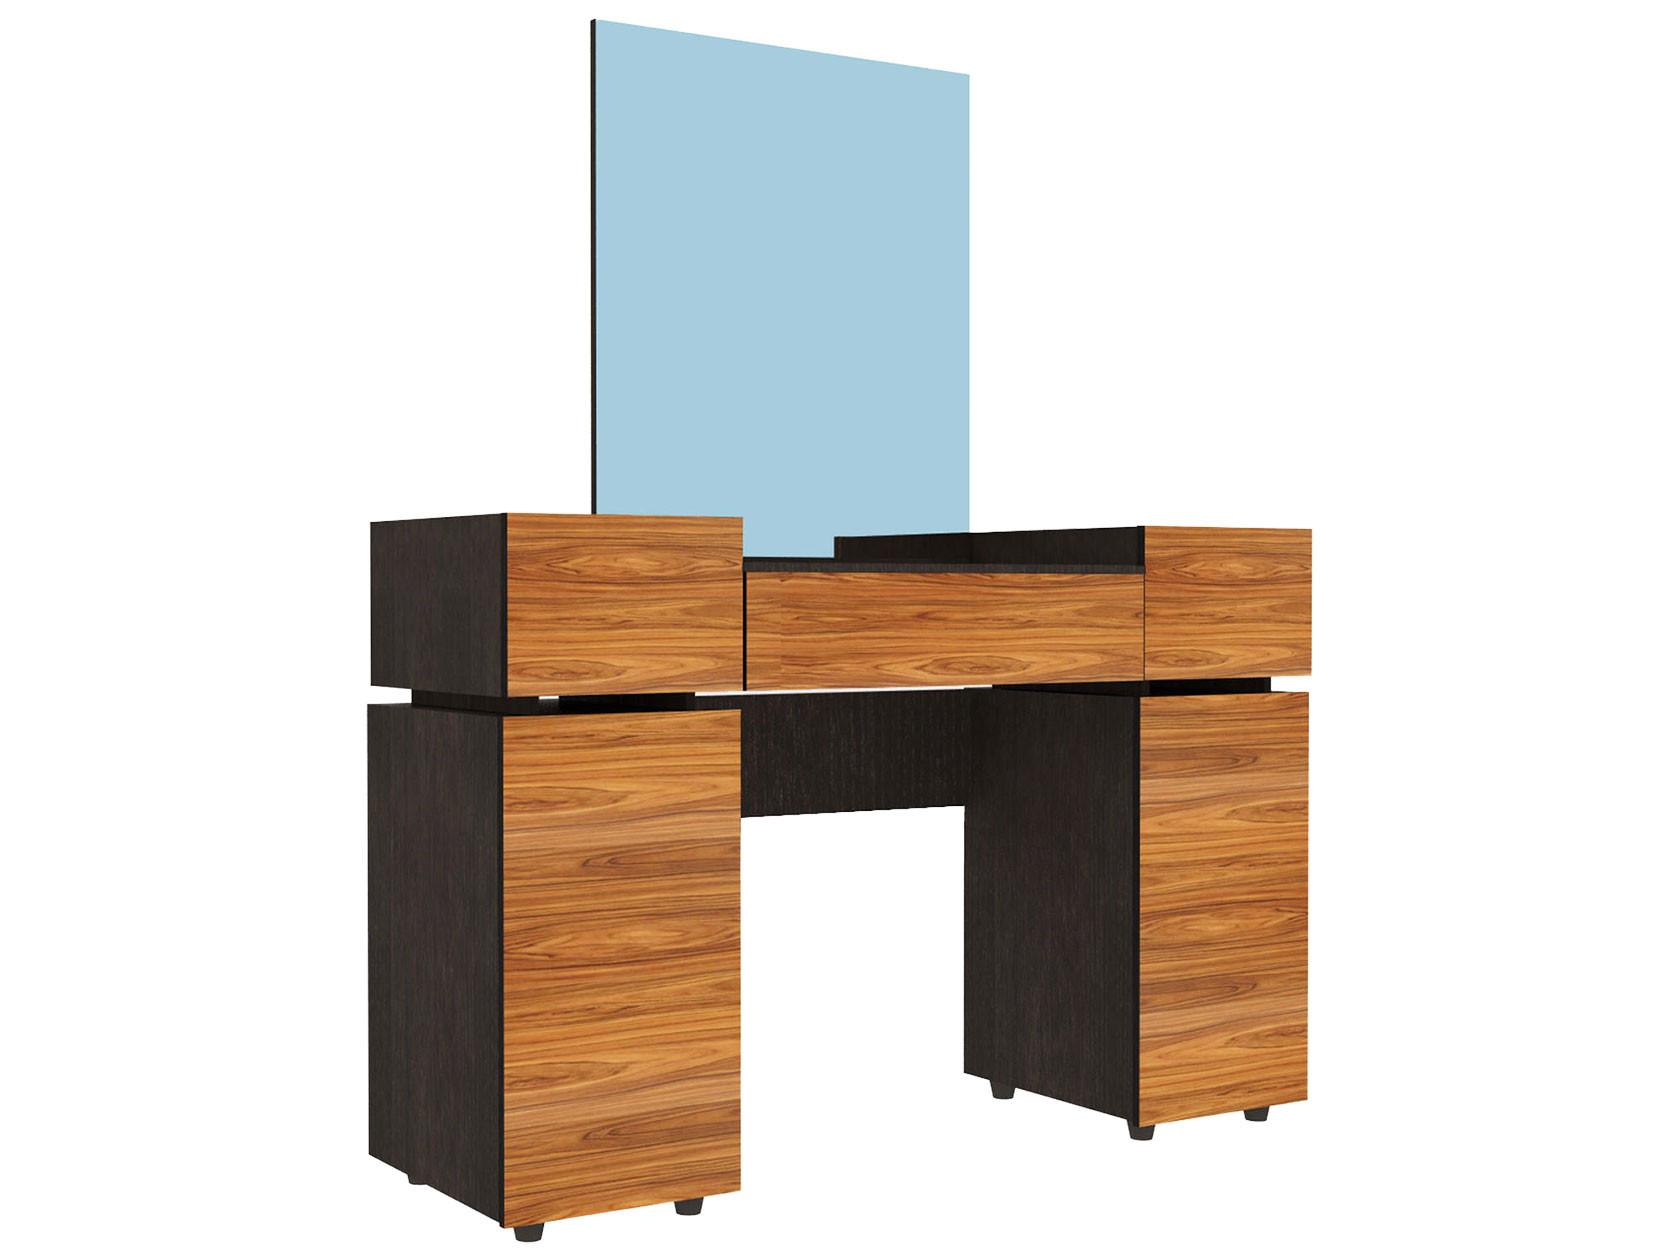 Туалетный столик Первый Мебельный HYPER (спальня) Стол туалетный 1